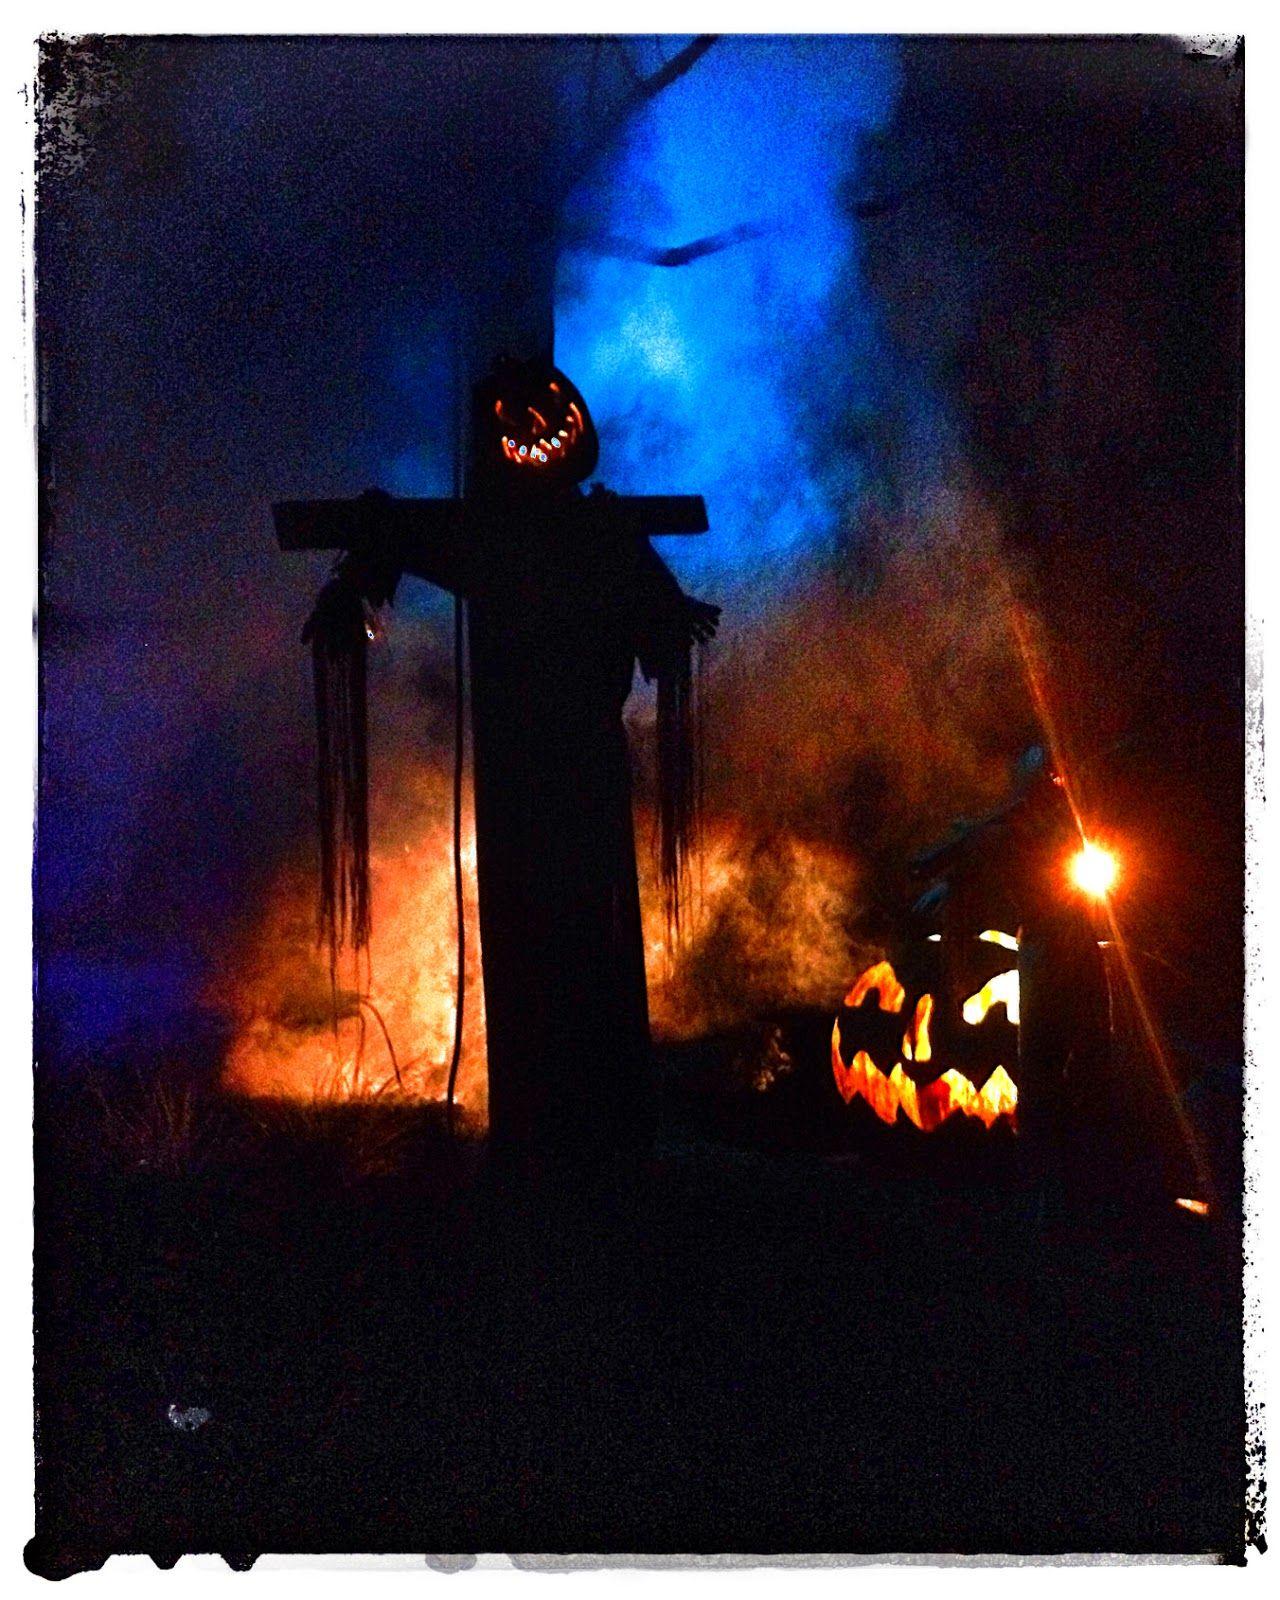 Jack o lantern at busch gardens williamsburg eerie spooky - Busch gardens williamsburg halloween ...